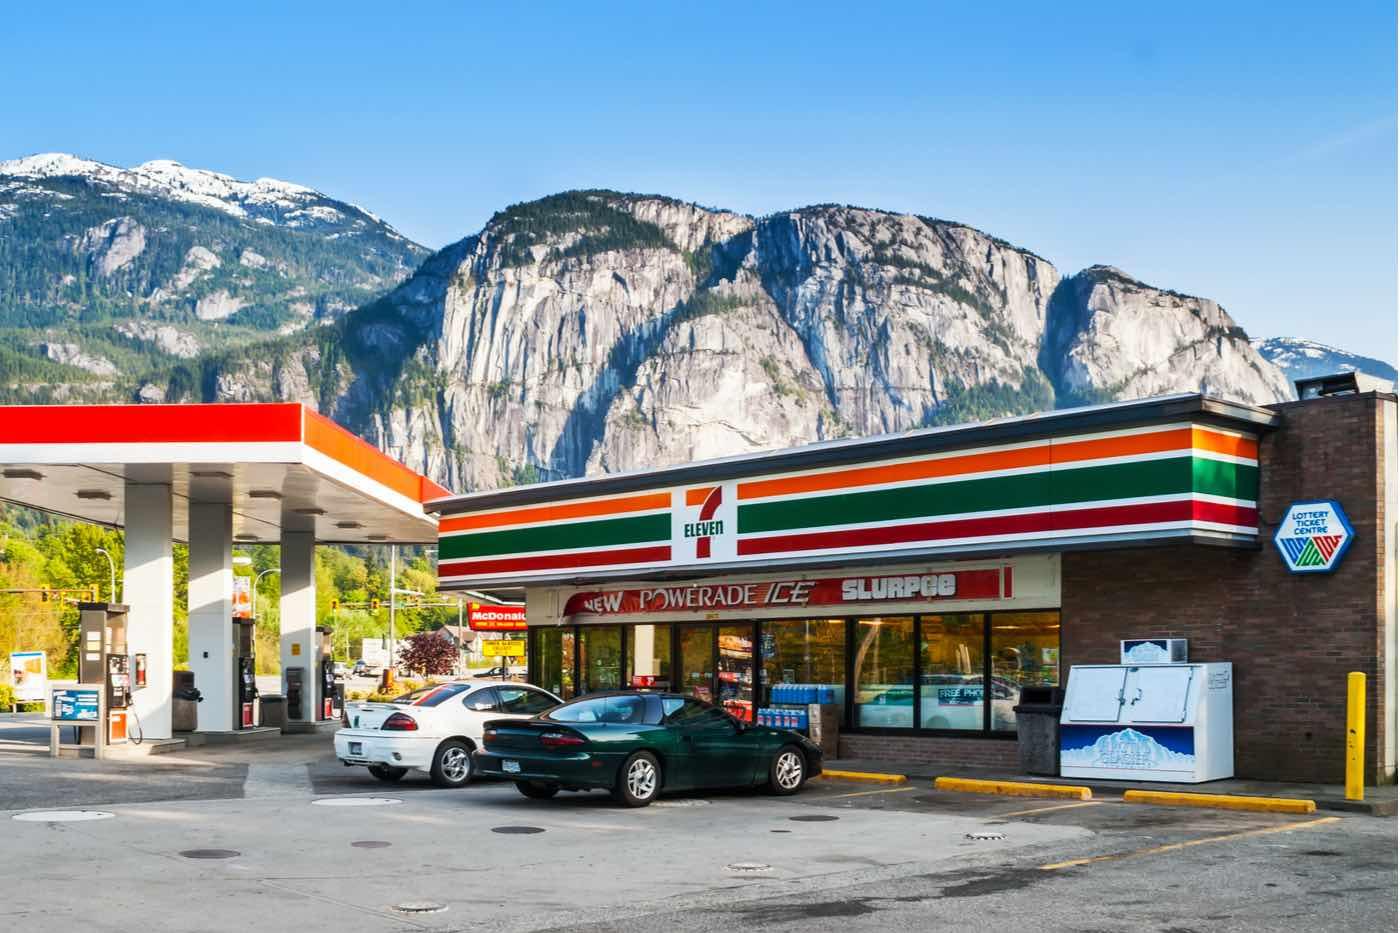 Tienda de conveniencia 7-Eleven